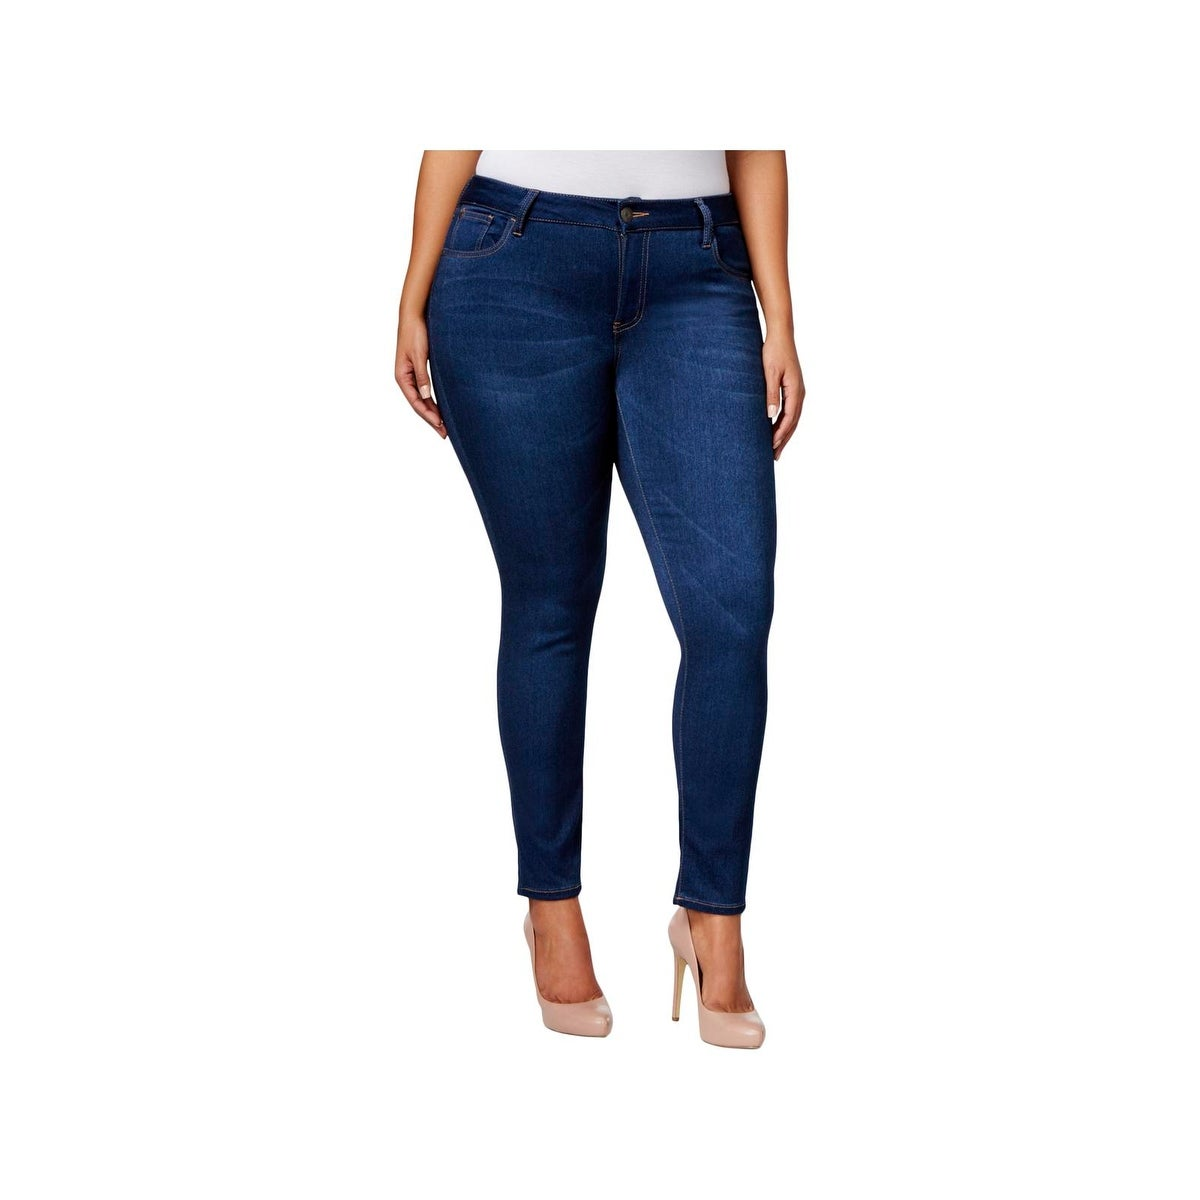 635eaea0b22b9 Shop Celebrity Pink Womens Plus Walker Skinny Jeans Denim Ankle ...